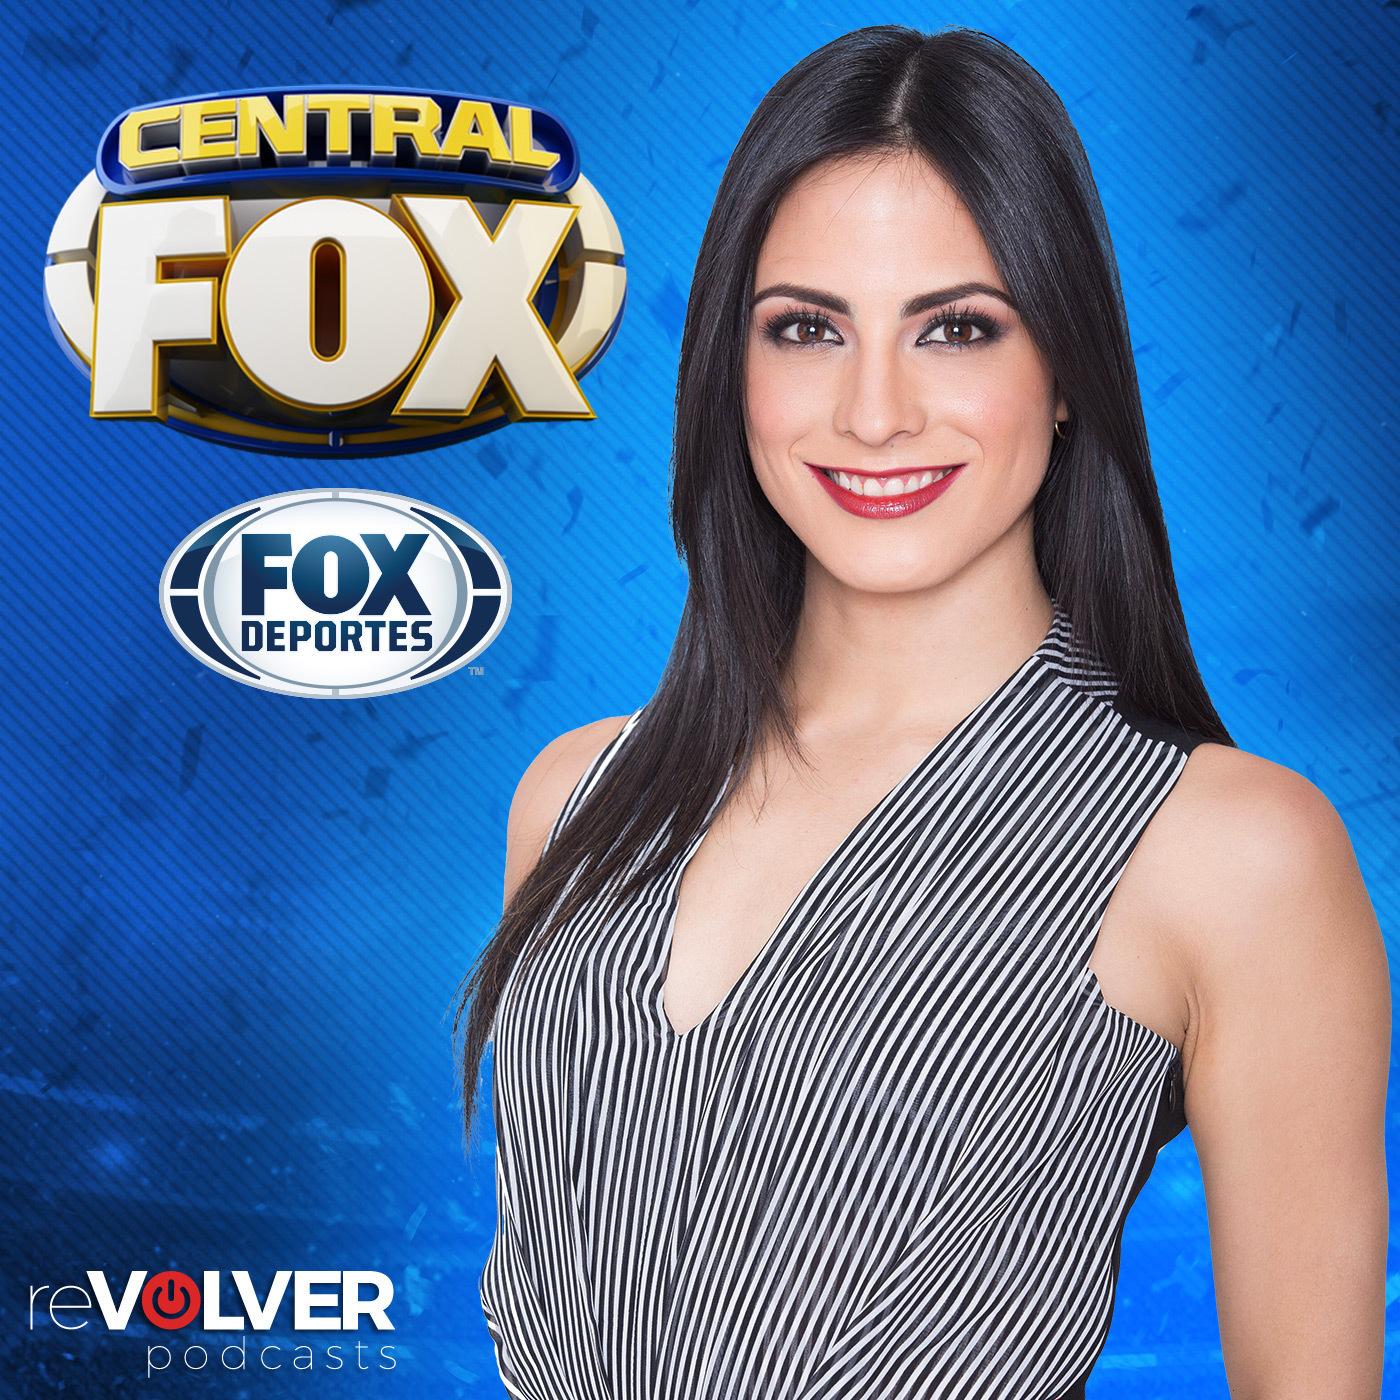 Central Fox Segunda edición 3/5/19